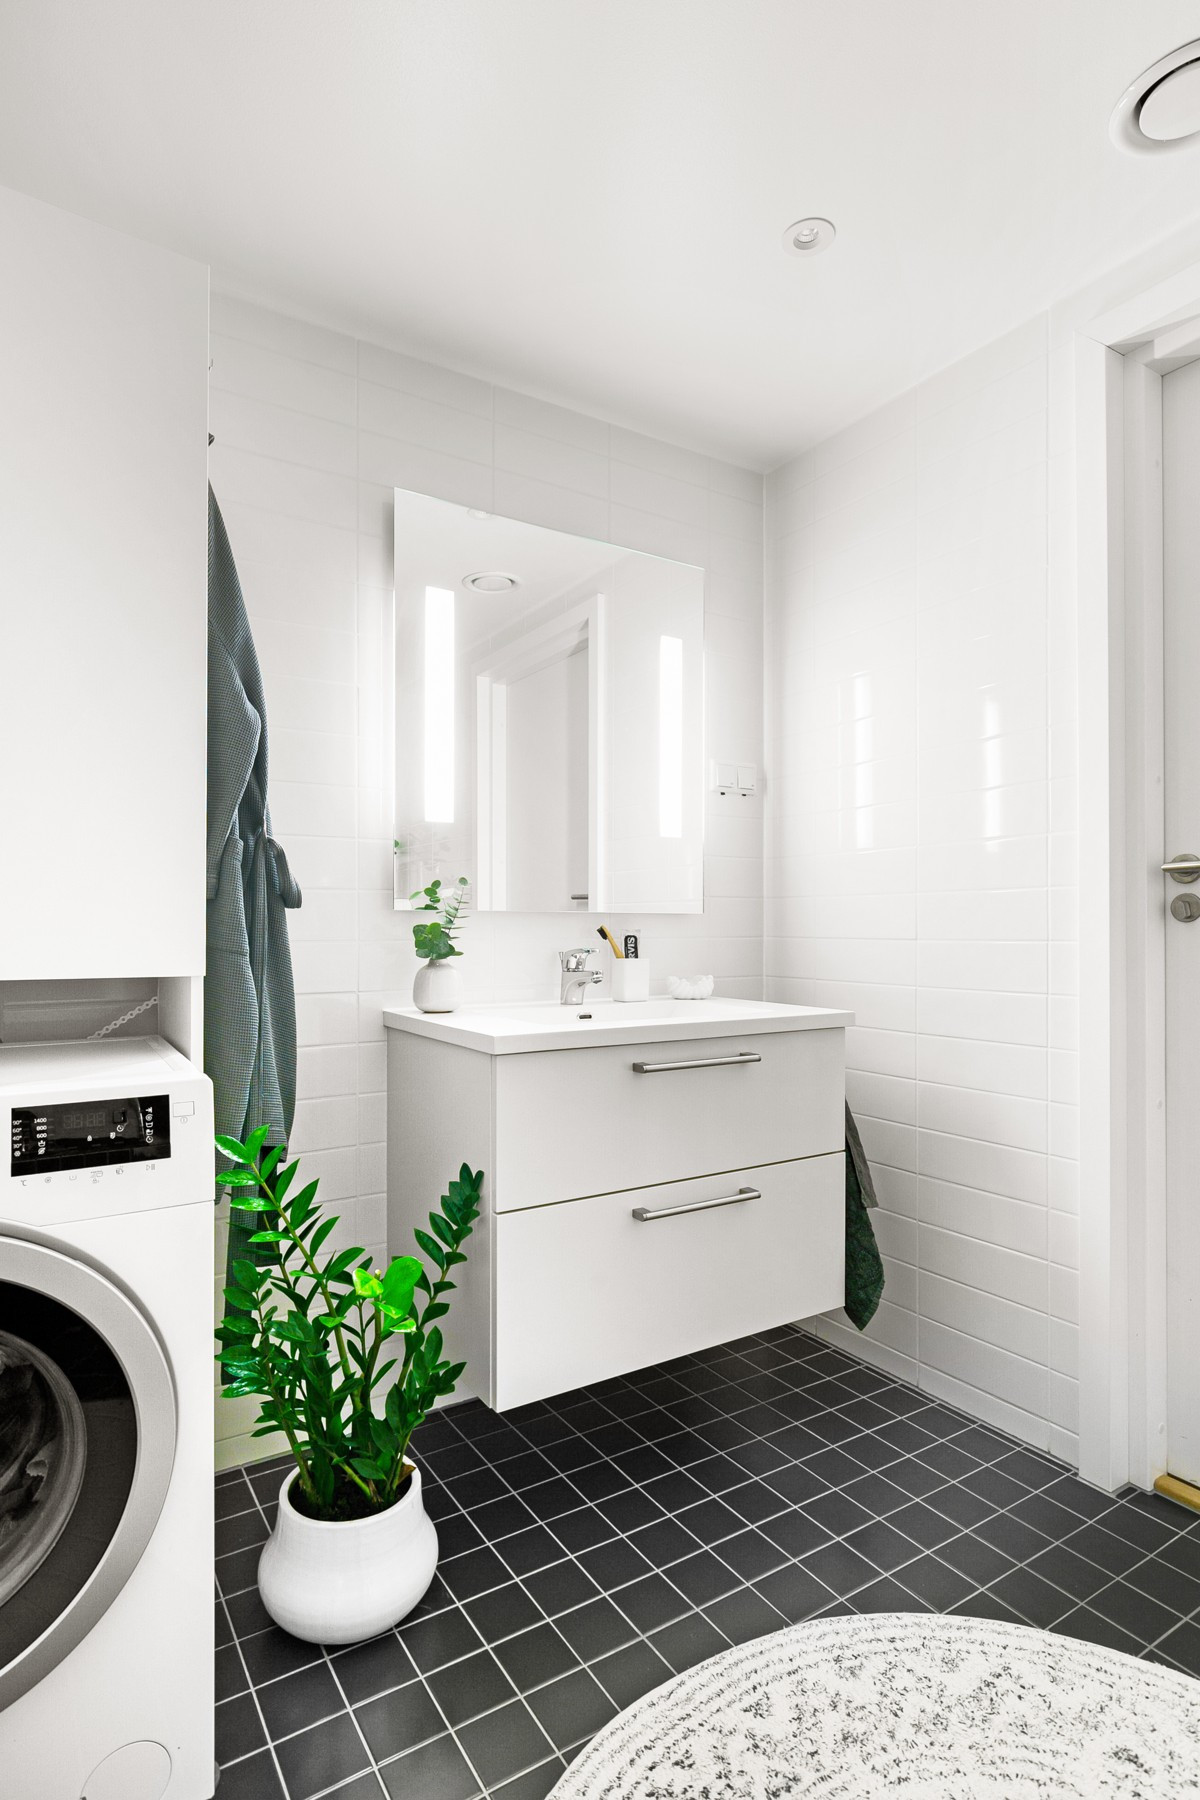 Servant og speil med lys - det er gjort tilvalg for særegne fliser som gir badet en pen finish